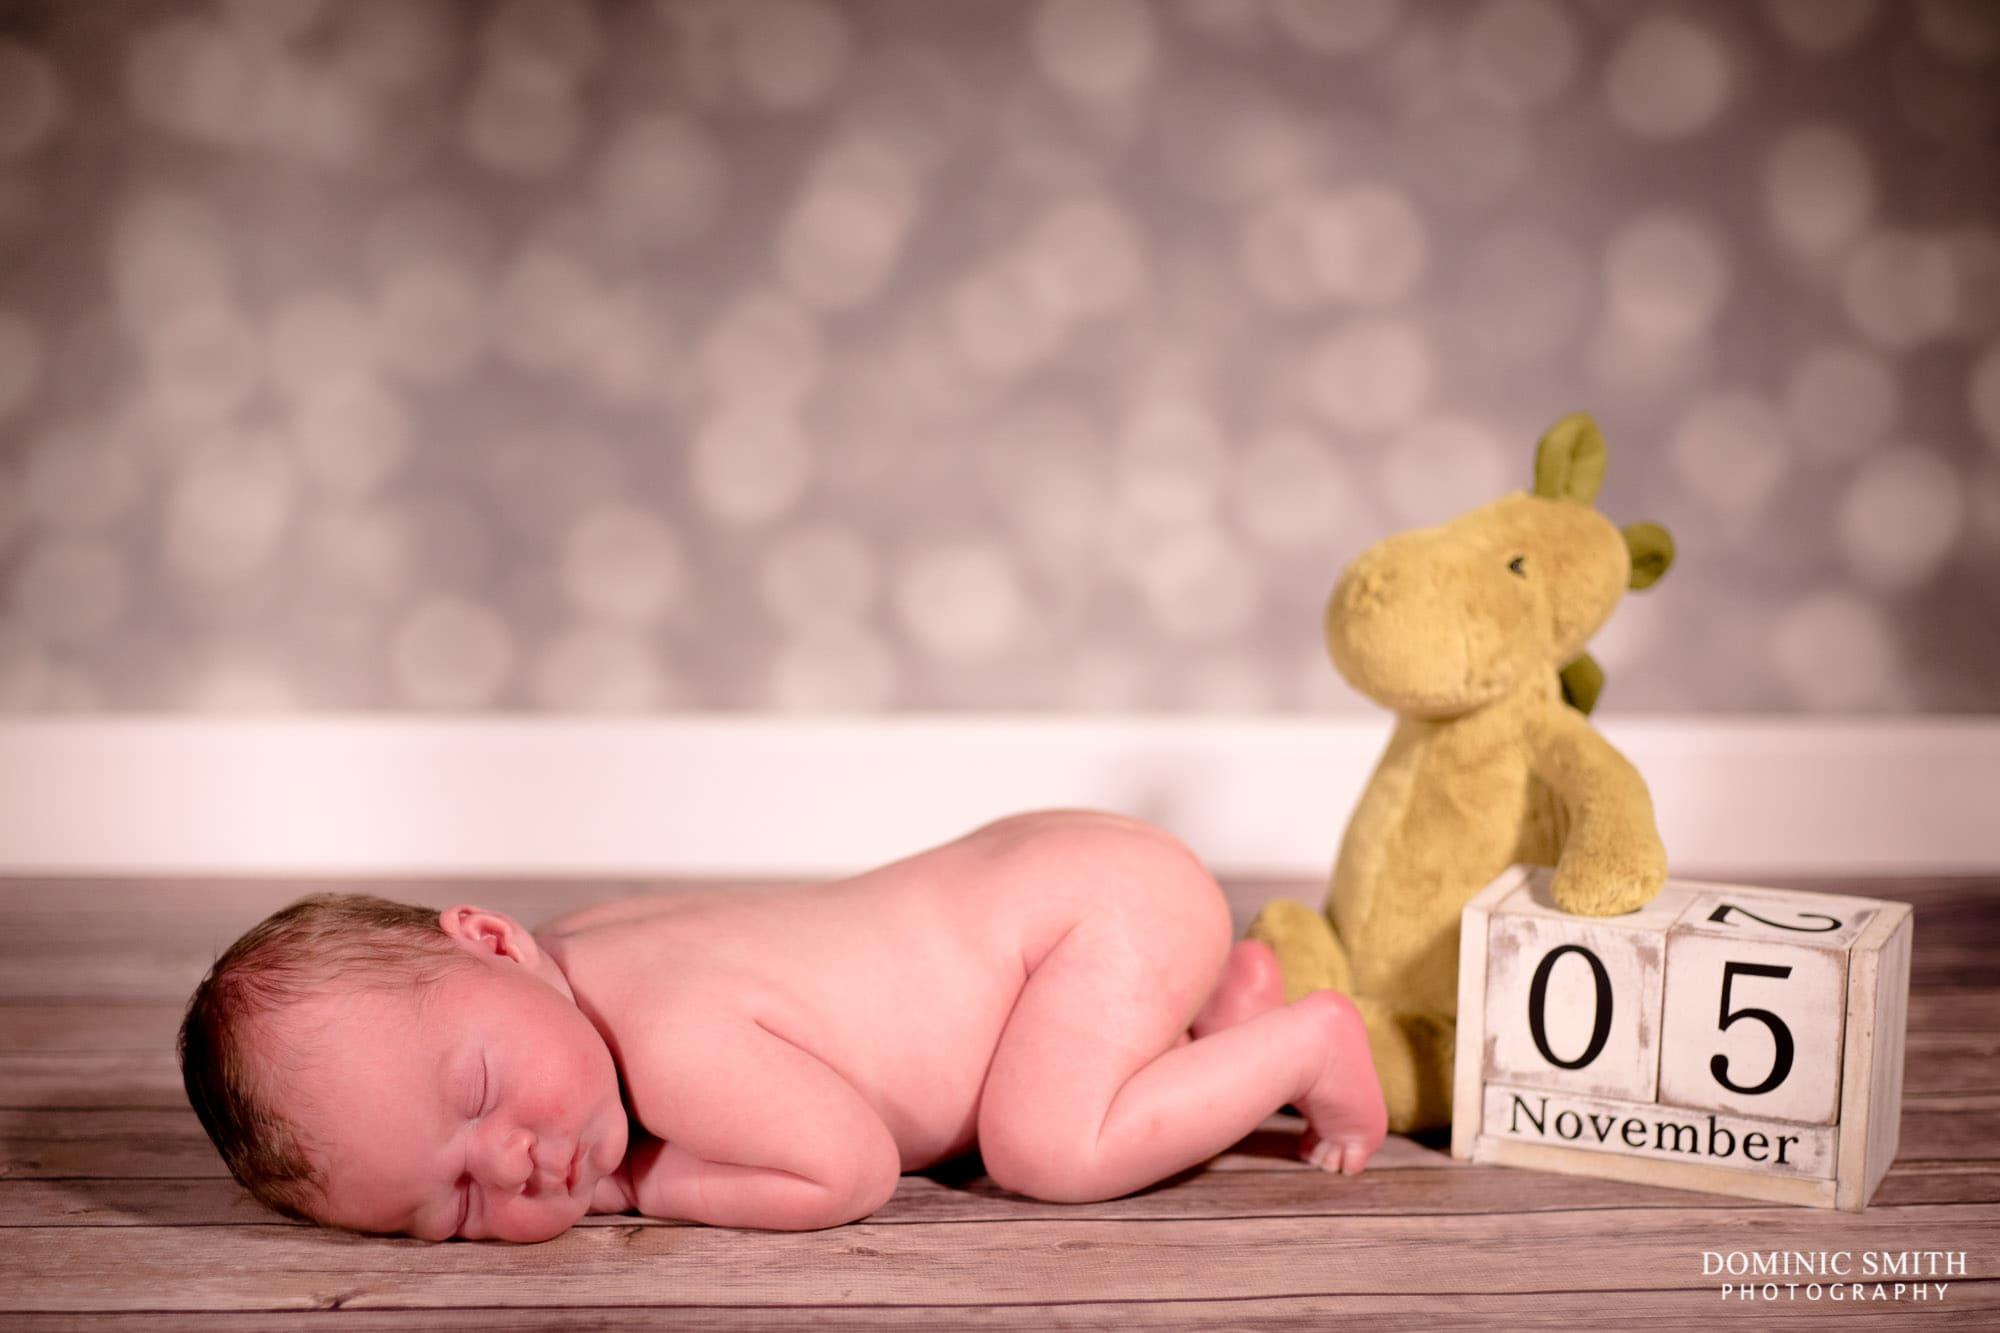 Newborn Photoshoot Date Dinosaur